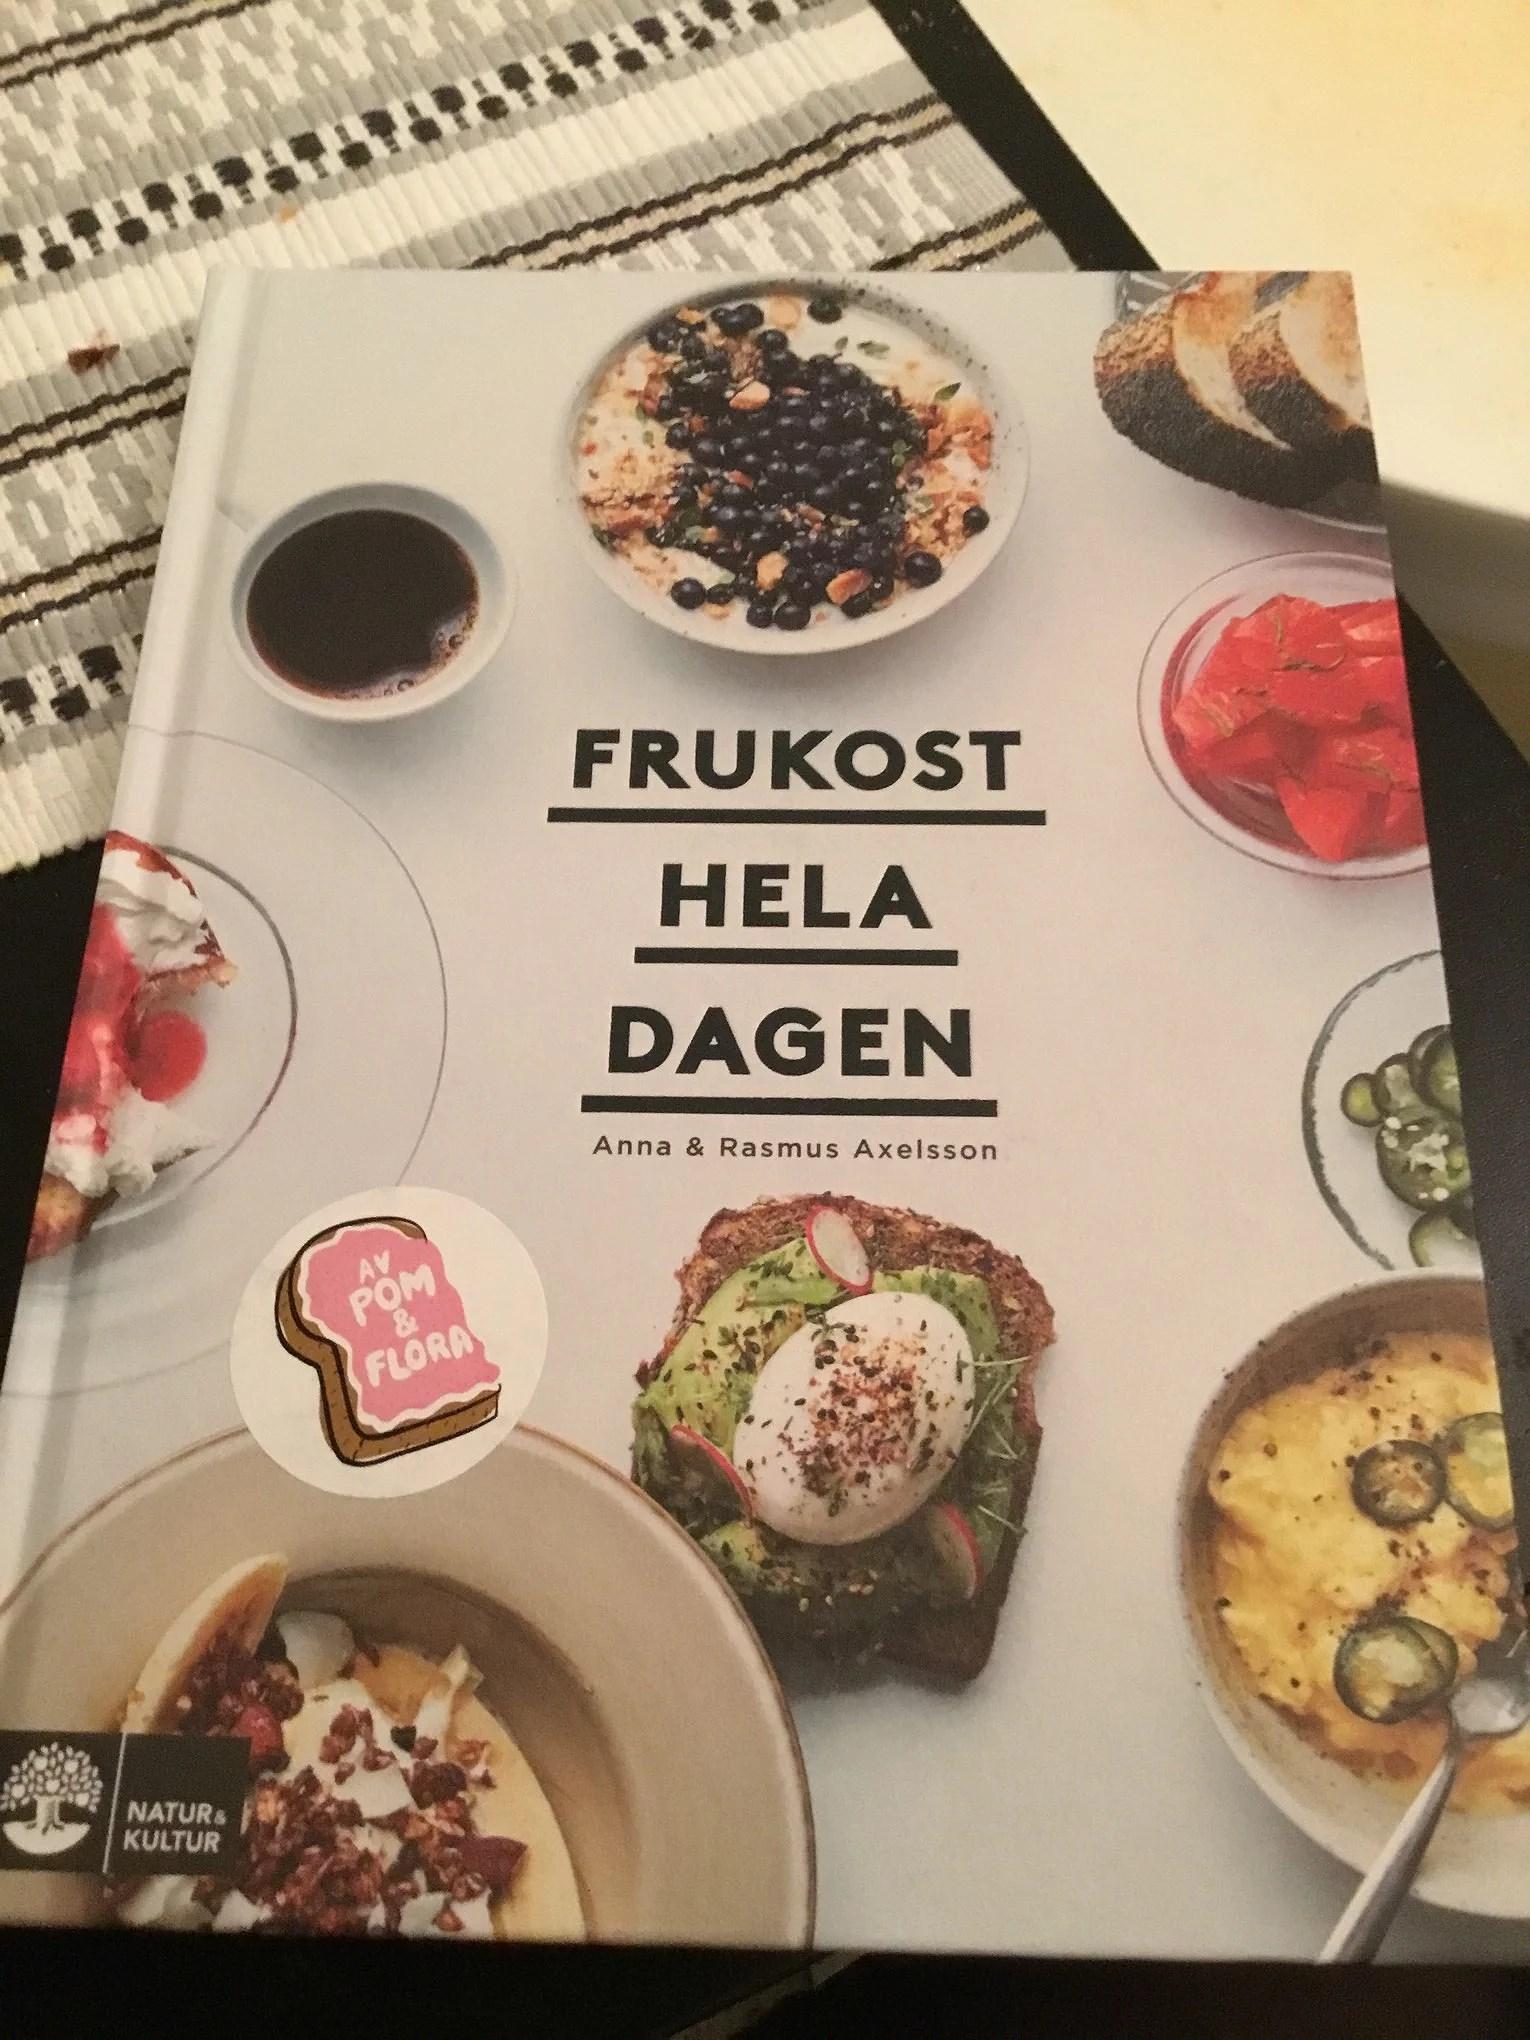 Frukost hela dagen - en kokbok från Pom och Flora